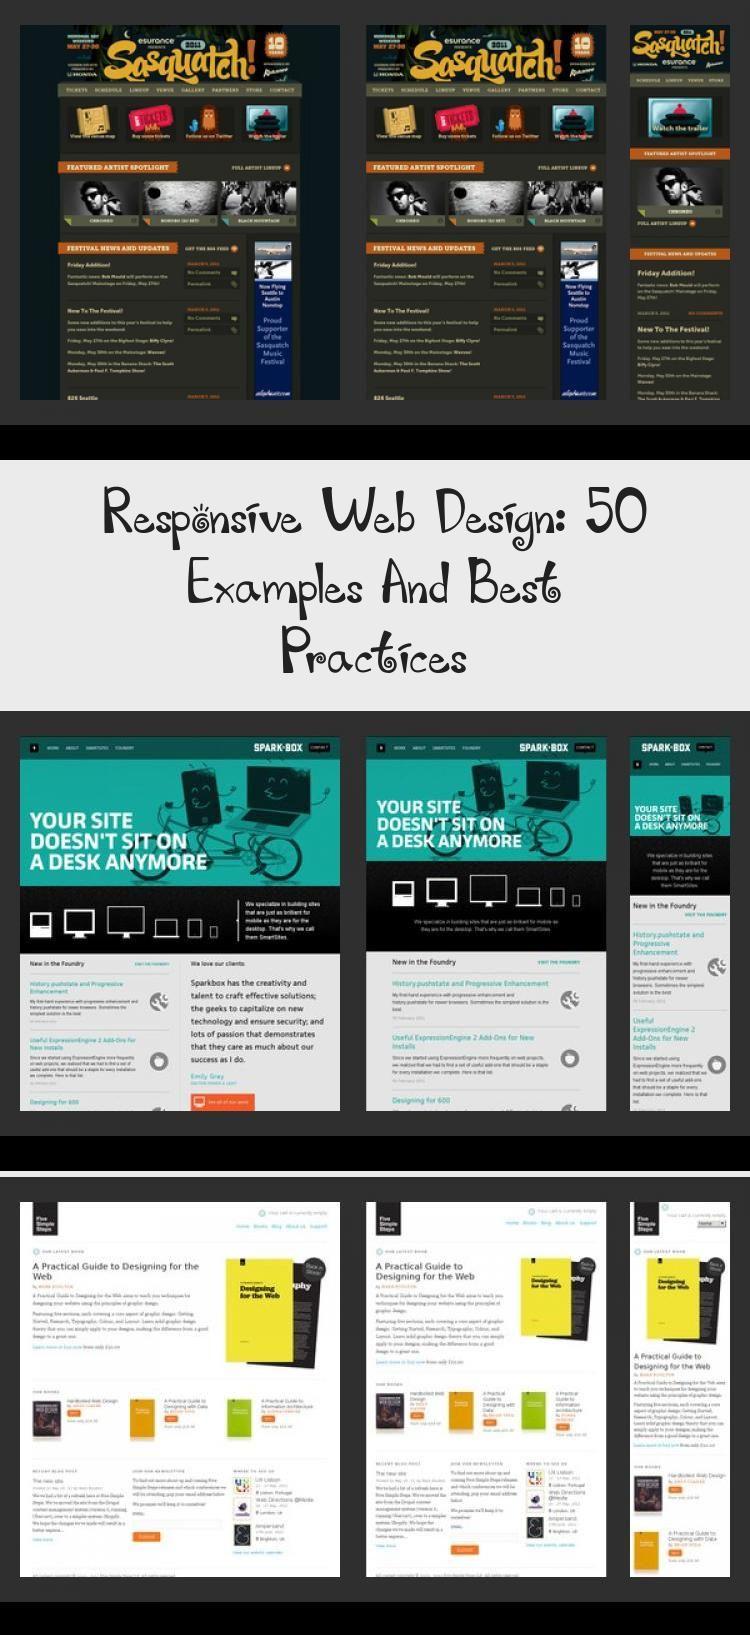 Responsive Web Design 50 Examples And Best Practices Design Design Examples Practices Responsive Web En 2020 Diseno Web Disenos De Unas Blog